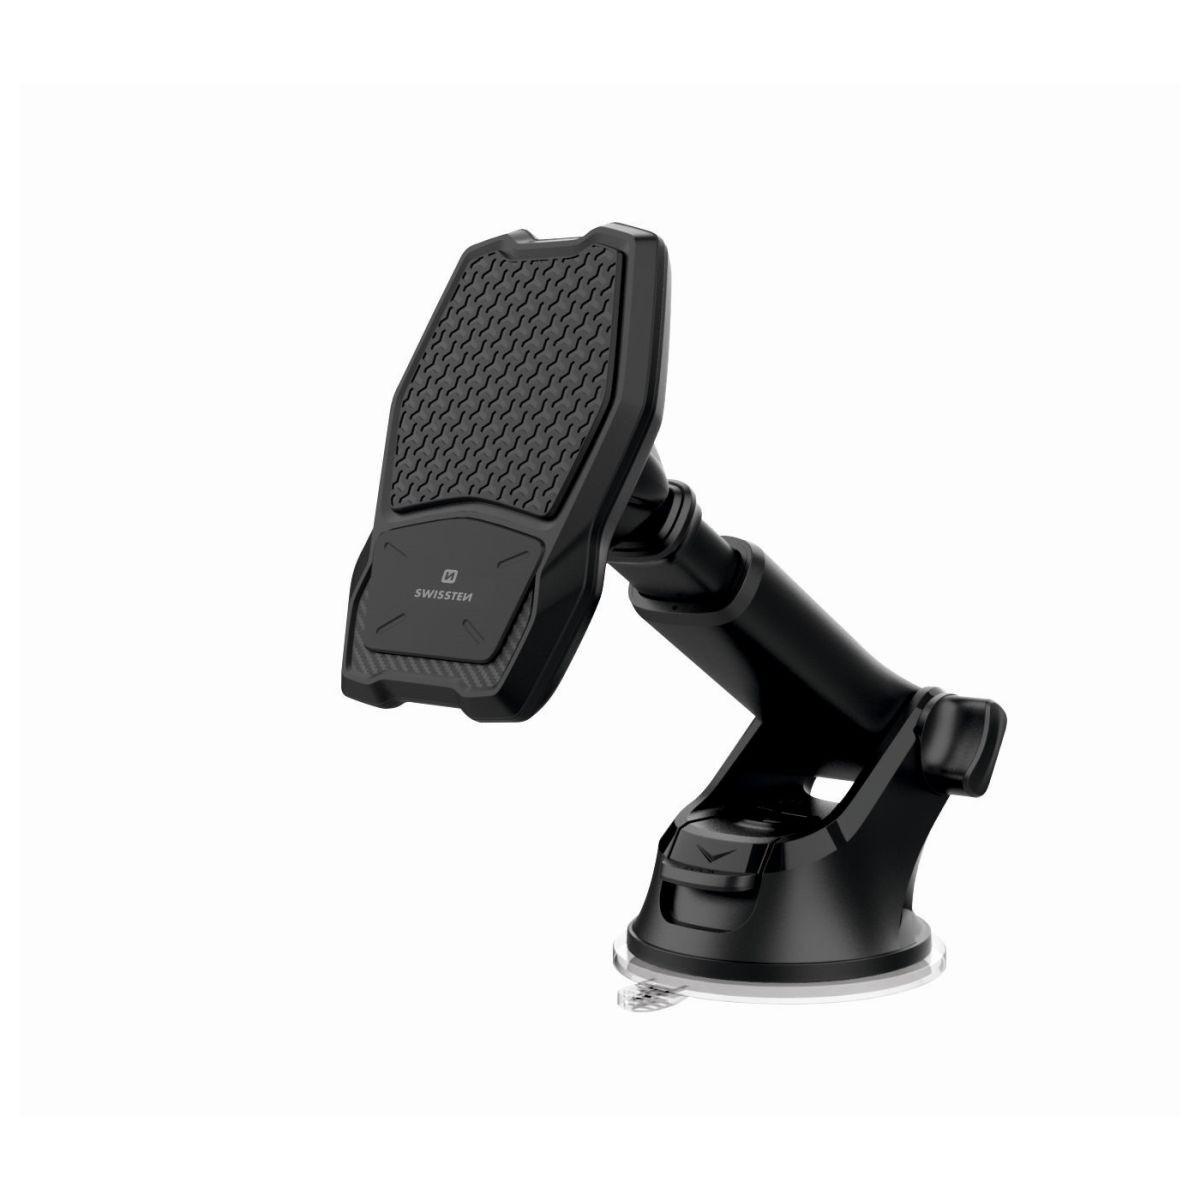 Držák telefonu s bezdrátovou nabíječkou - magnetický, s teleskopickým ramenem